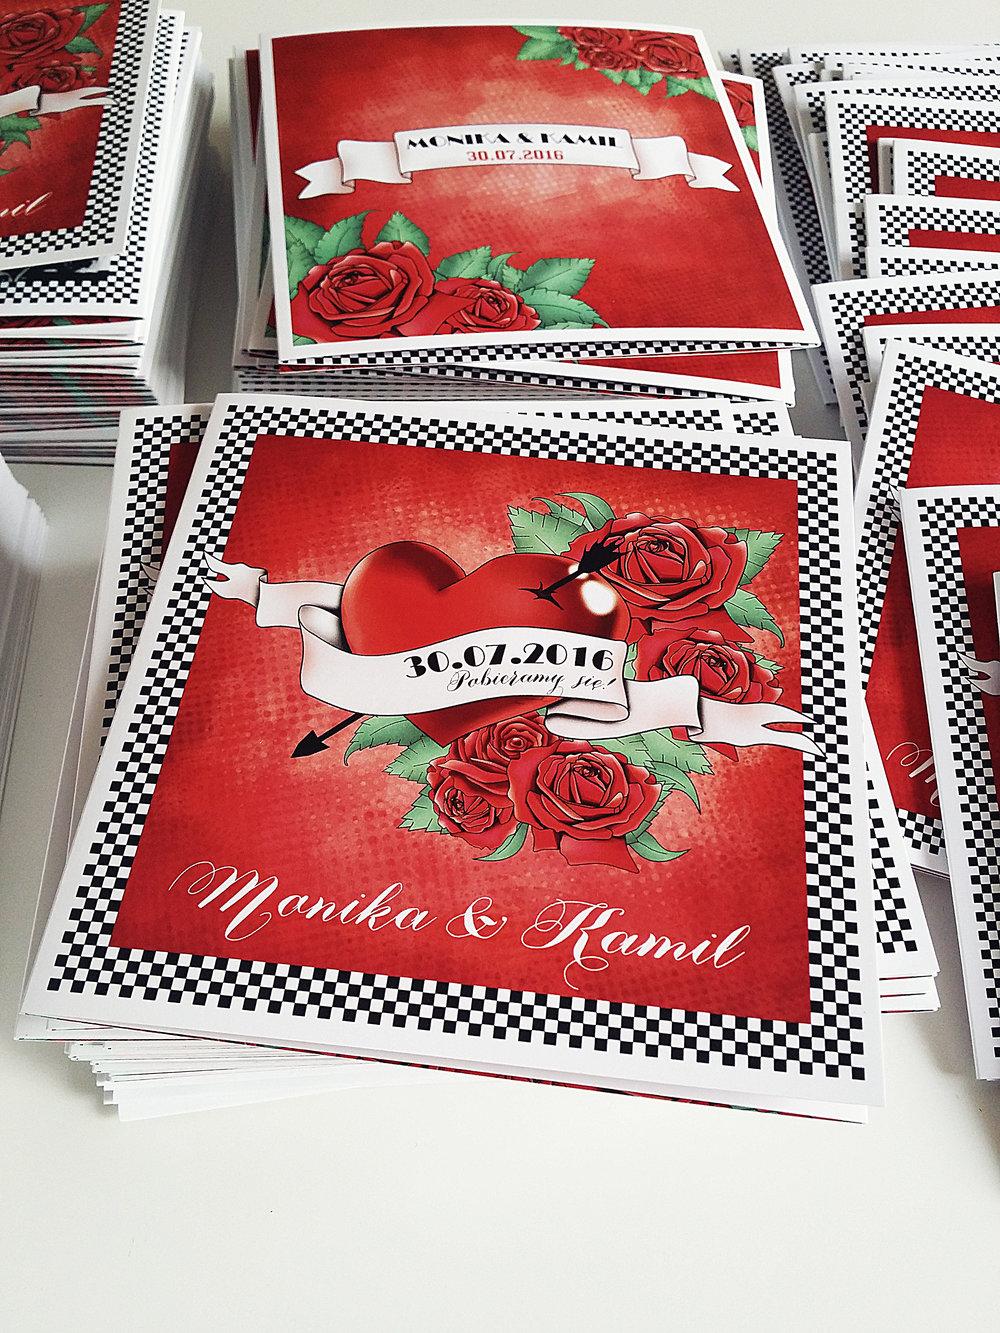 zaroszenie slubne z motywem tatuazu roza czerwony tatuaz serce muzyka ska rockabilly tattoos wedding projekt ślub  (2).jpg